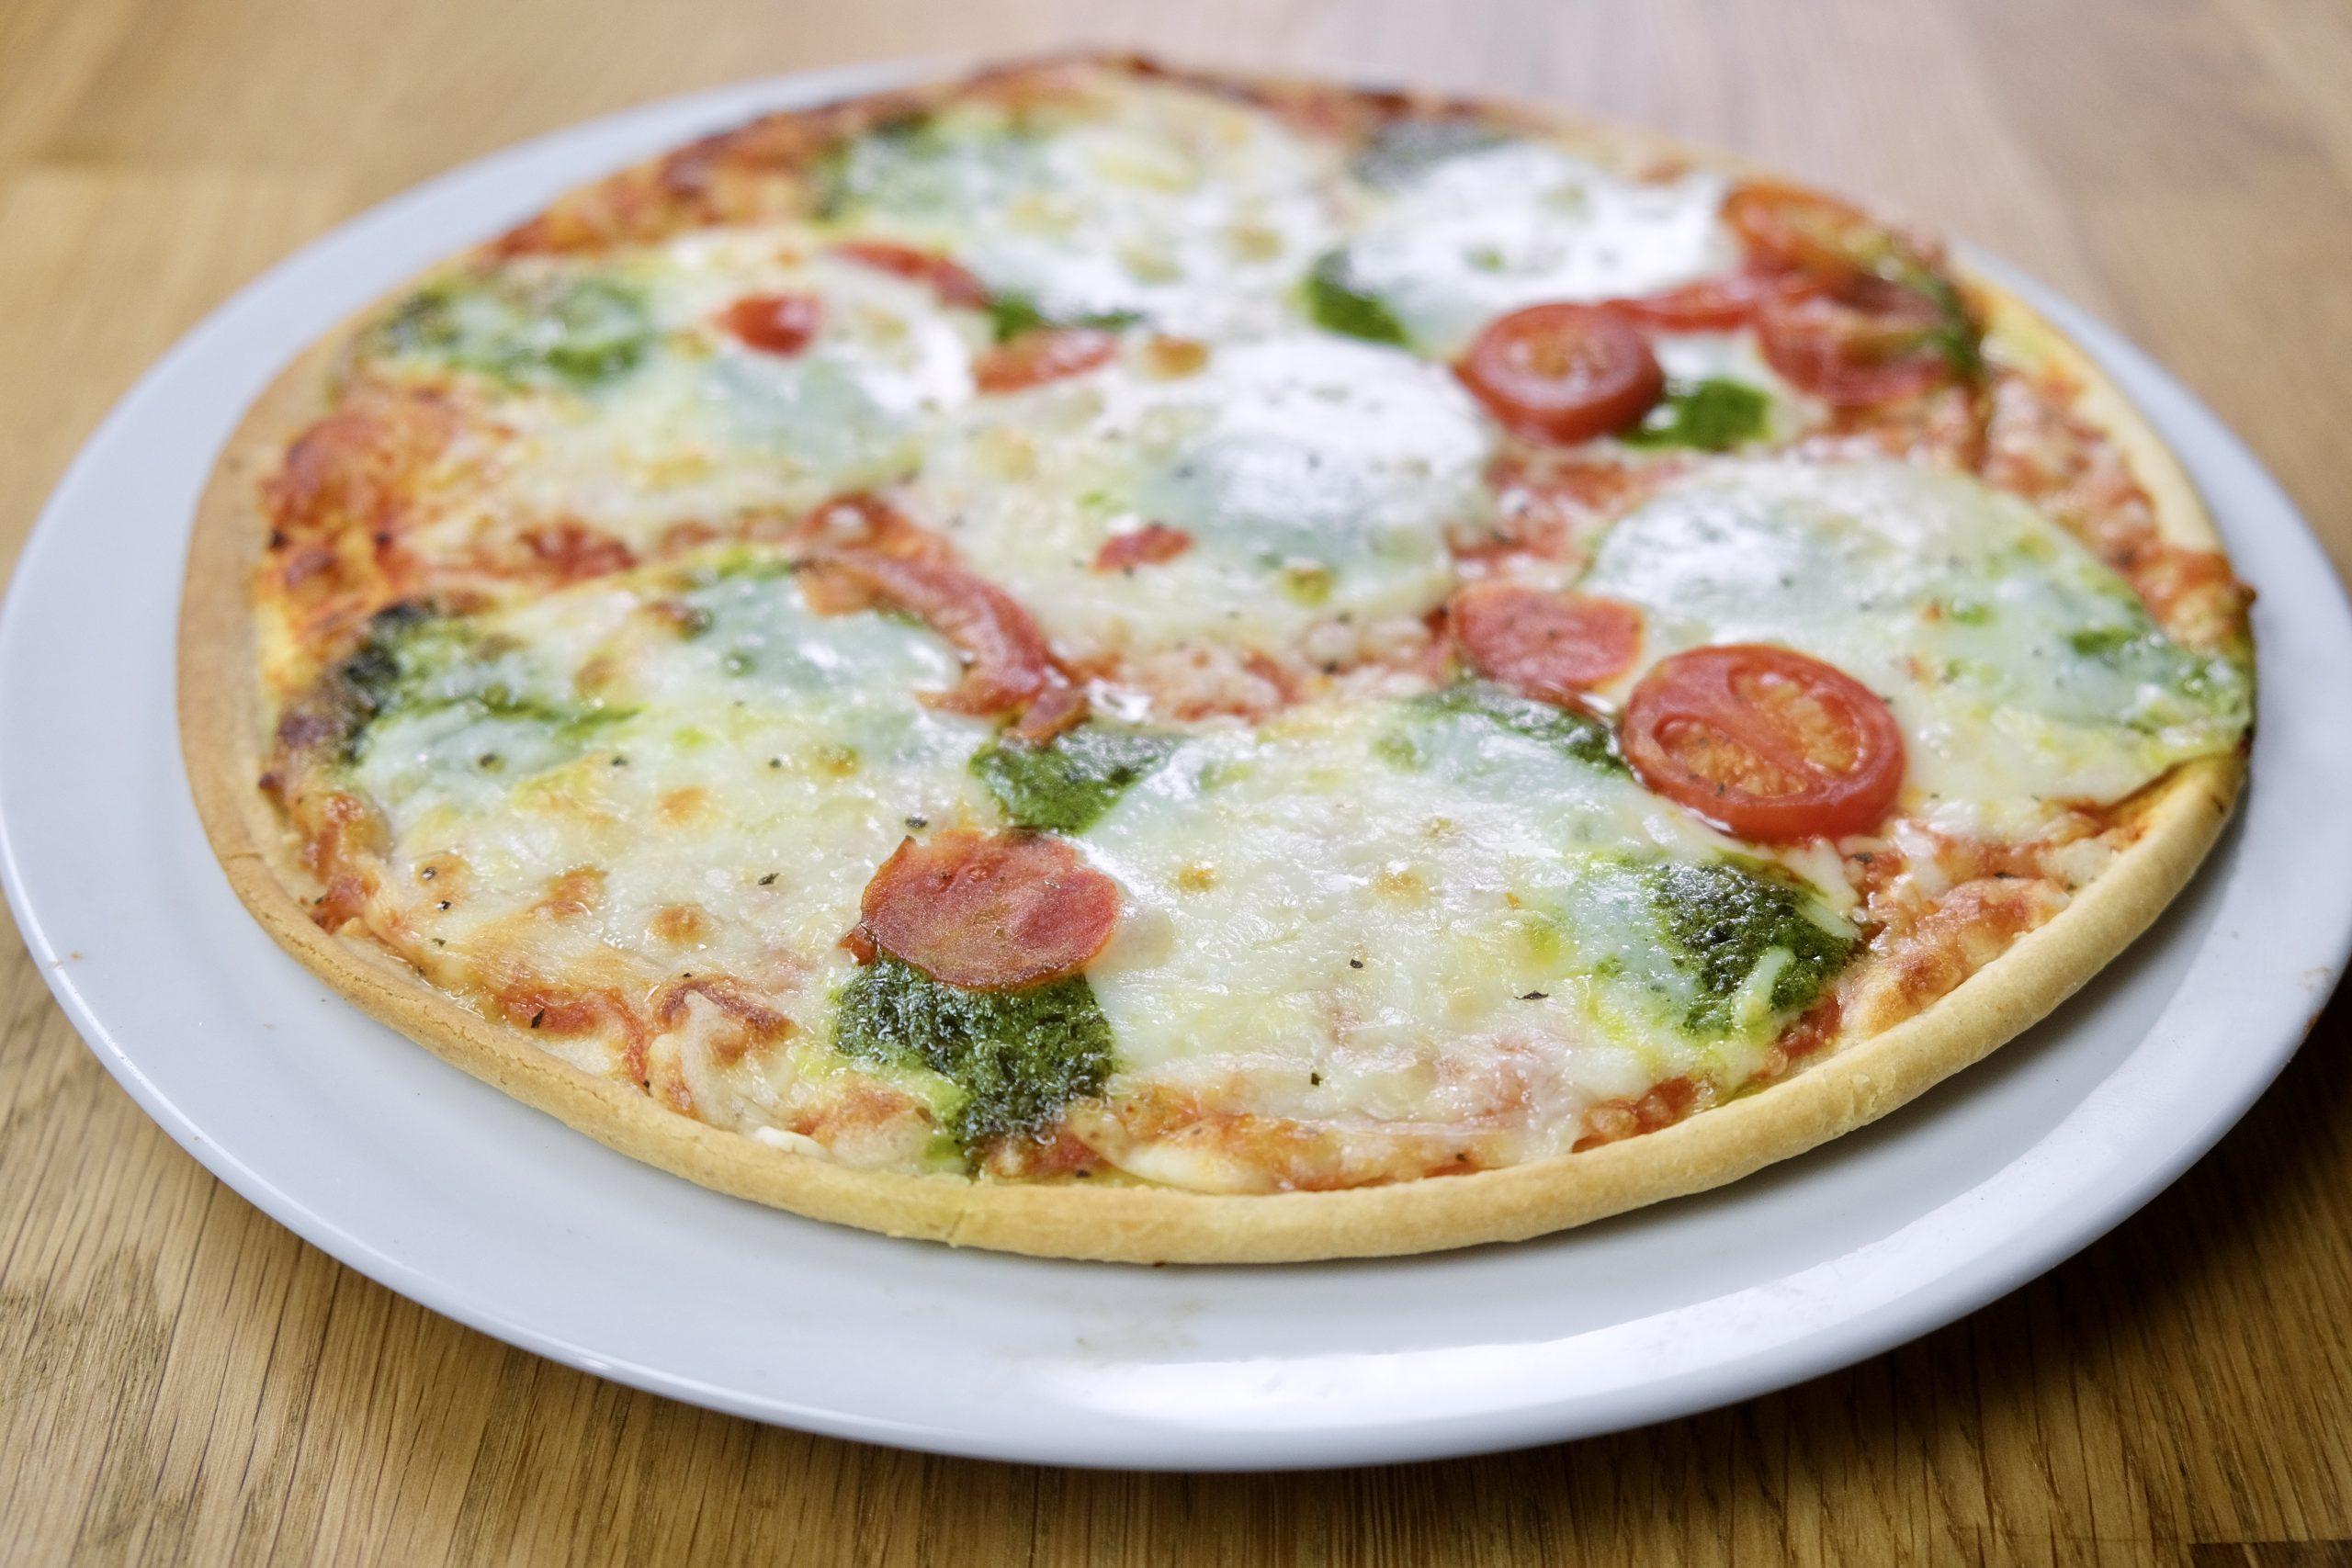 Dettaglio Ristorante Pizza al Pesto Sfizioso, Cameo